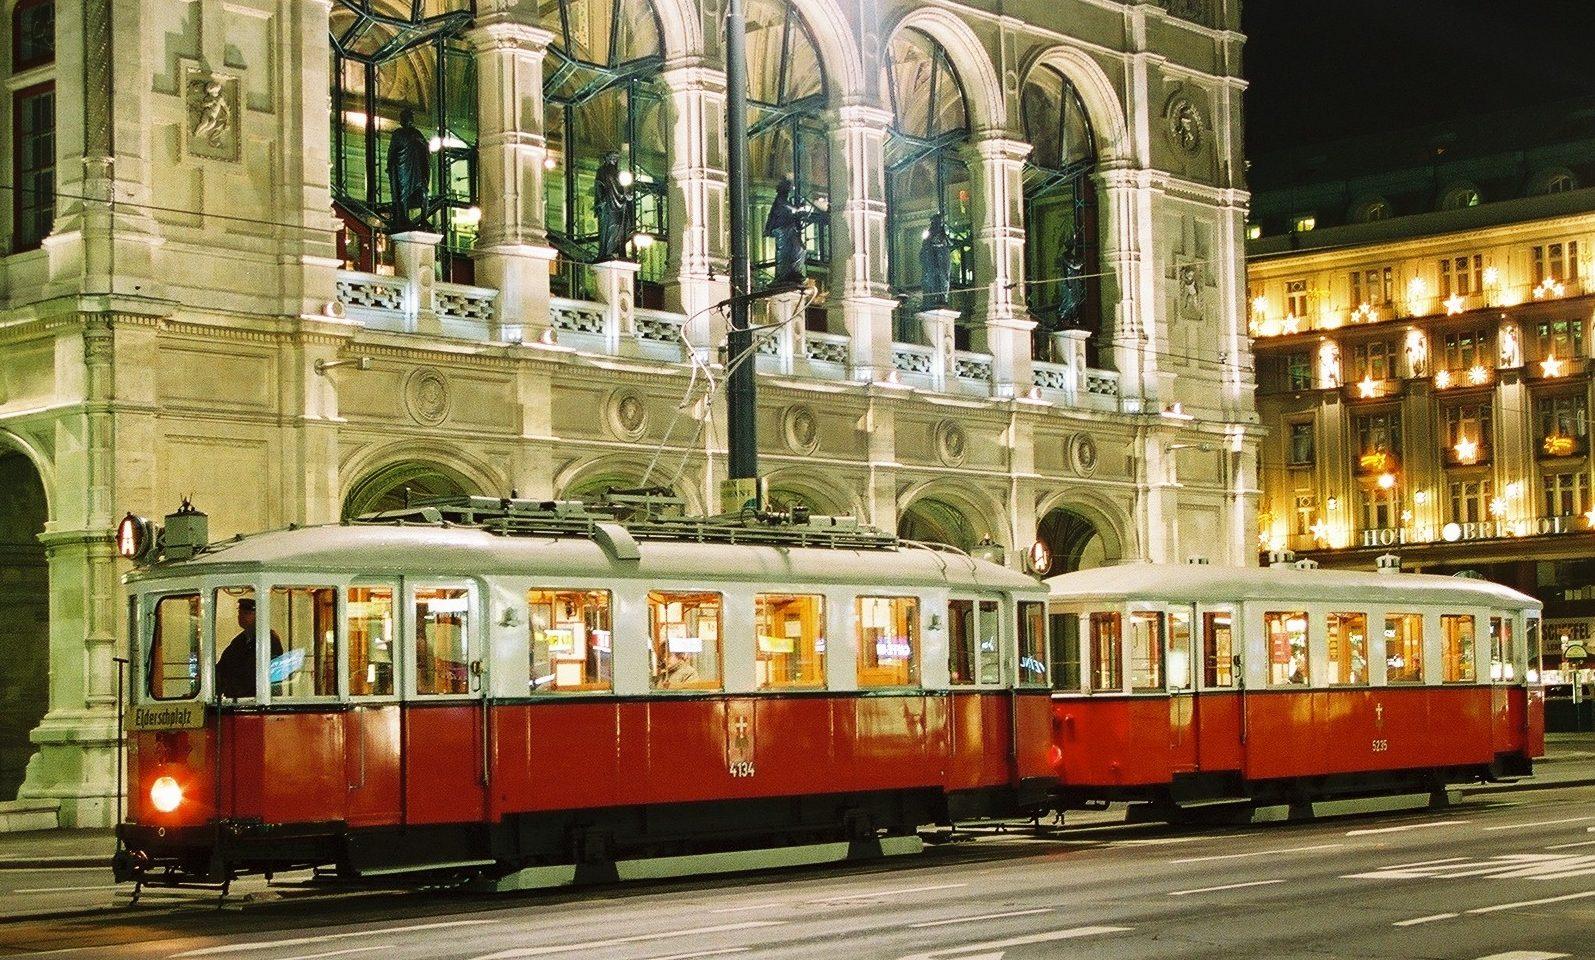 Besonders stimmungsvoll: Ein Oldtimer von Rent a Bim vor der abendlich illuminierten Staatsoper in Wien